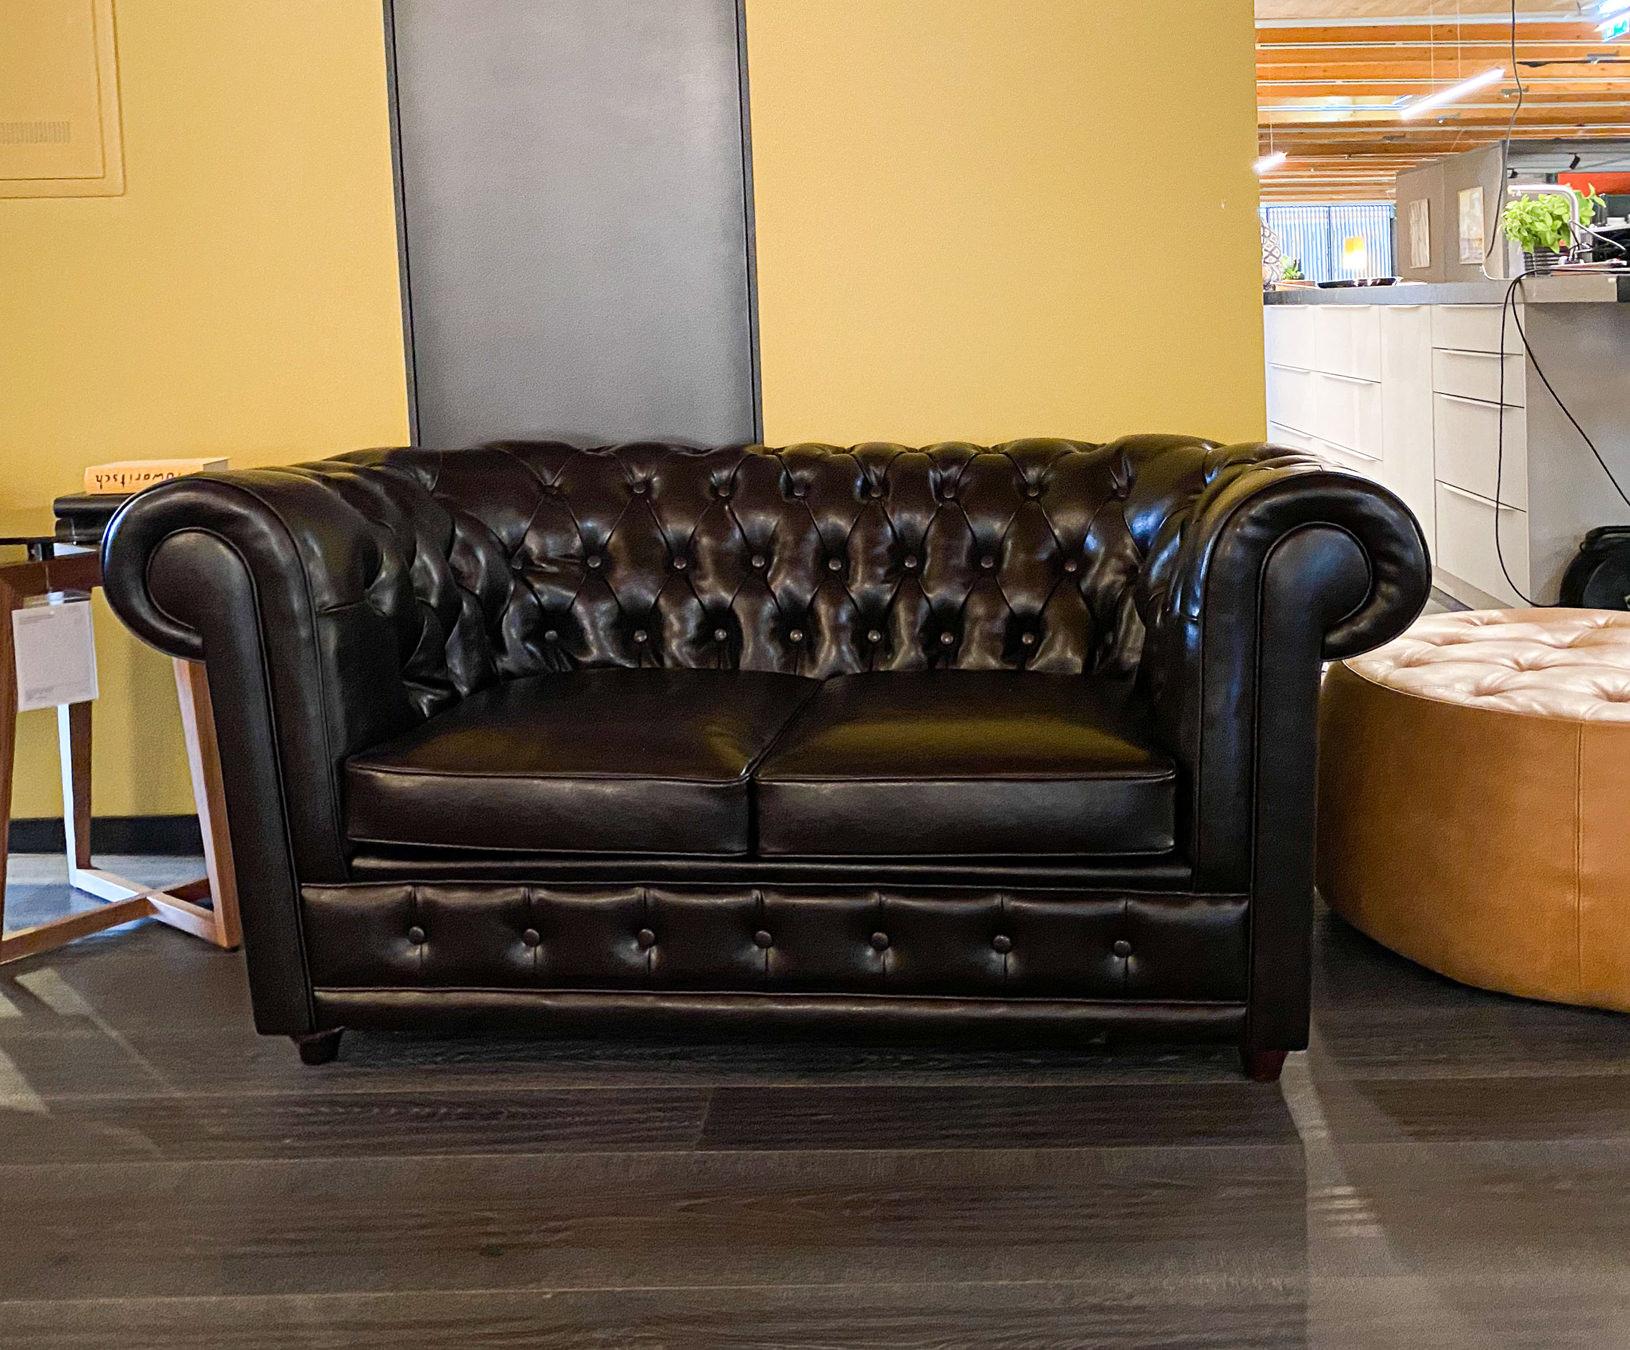 Full Size of Kare Sofa Gianni Samt Infinity Furniture List Leder Couch Design Sale Dschinn Sales Oxford Fgerat Big Mit Hocker Stilecht Schlaffunktion Natura Günstig Kaufen Sofa Kare Sofa